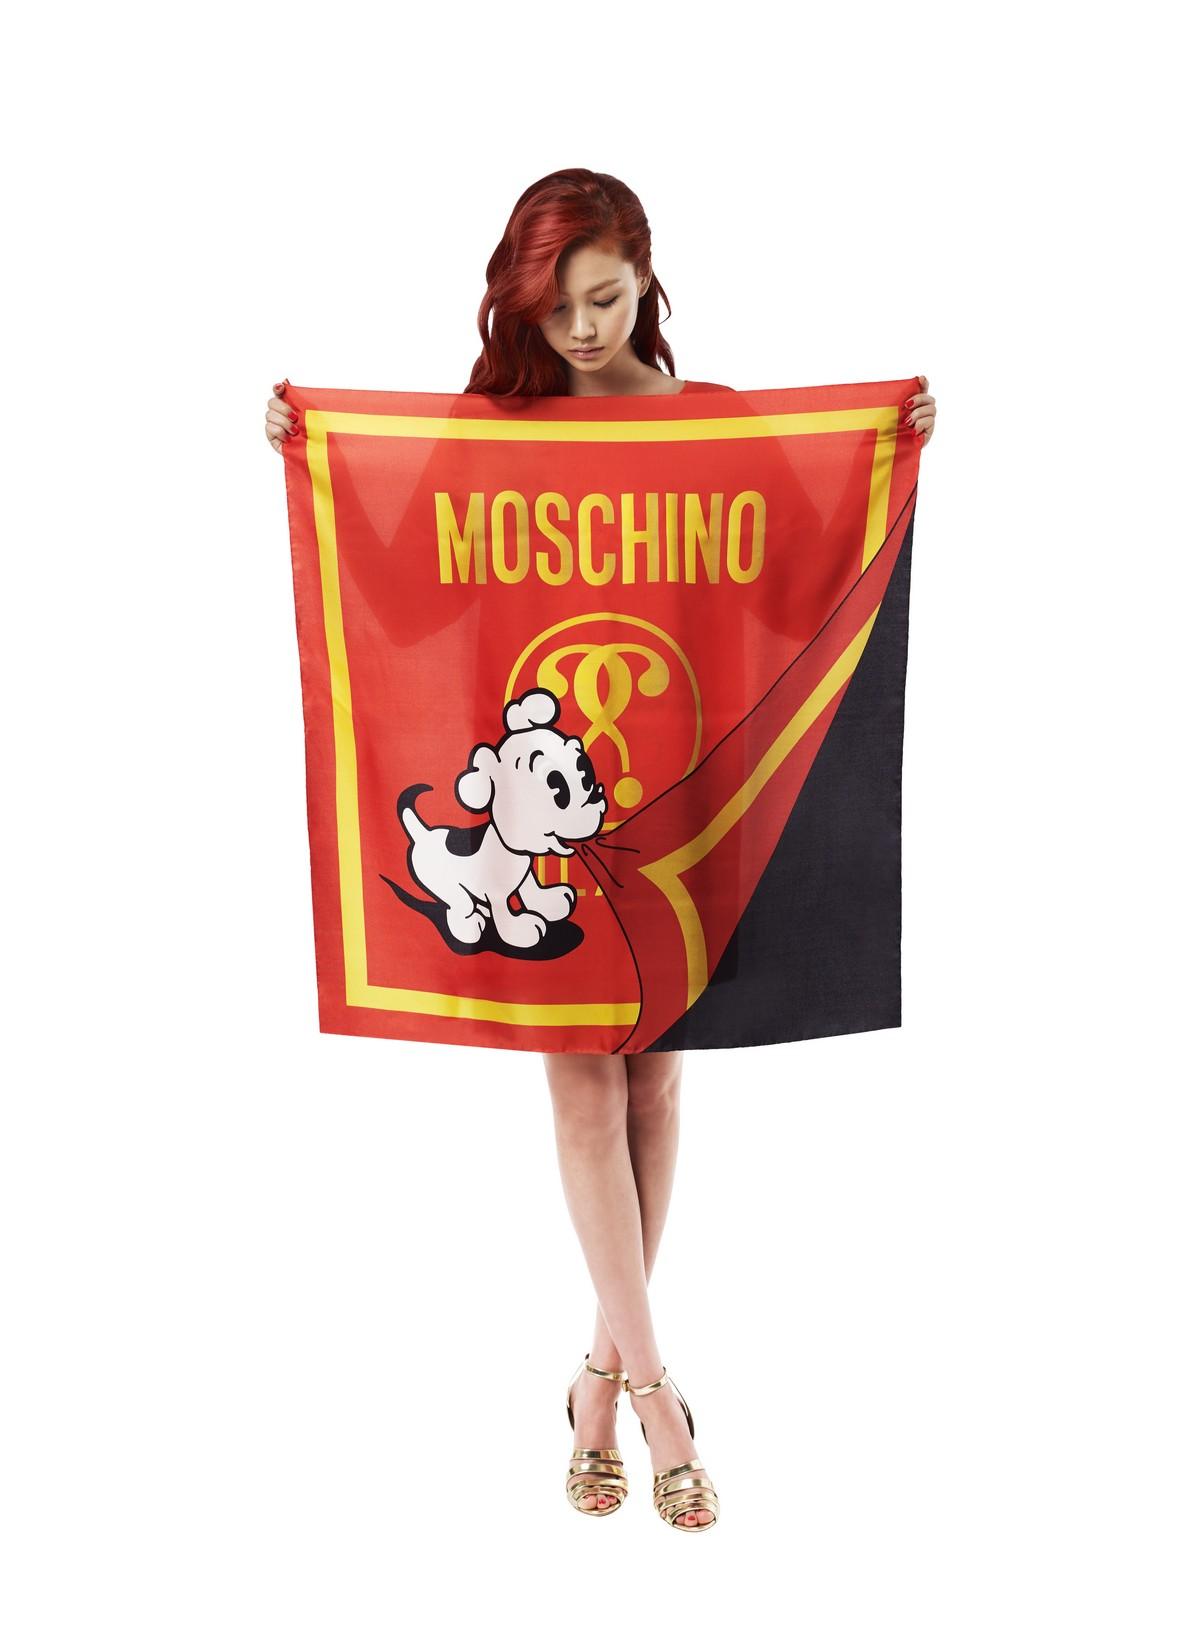 Moschino capsule collection Capodanno Cinese 2018 – Fashion